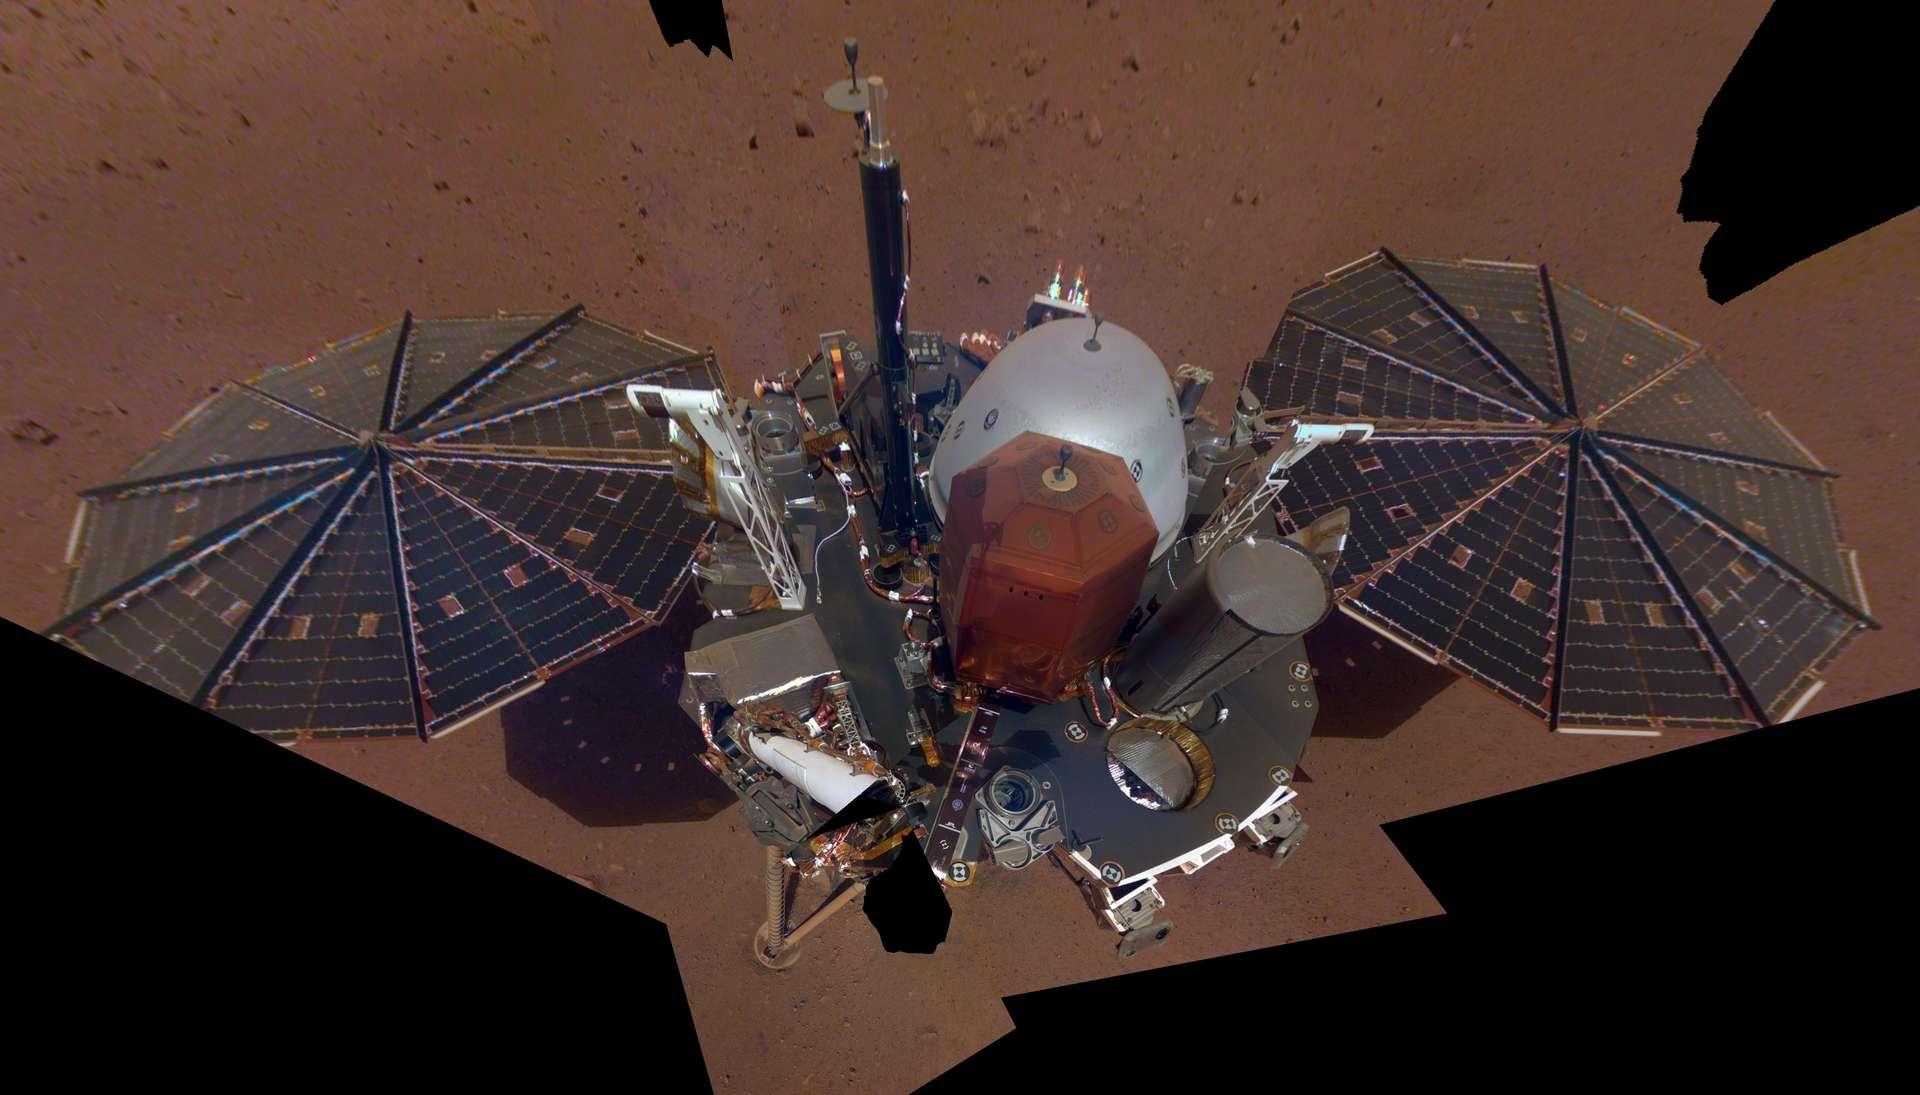 Voici le premier selfie au complet d'InSight, pris le 6 décembre à Sol 10, soit à son dixième jour sur Mars. © Nasa/JPL-Caltech